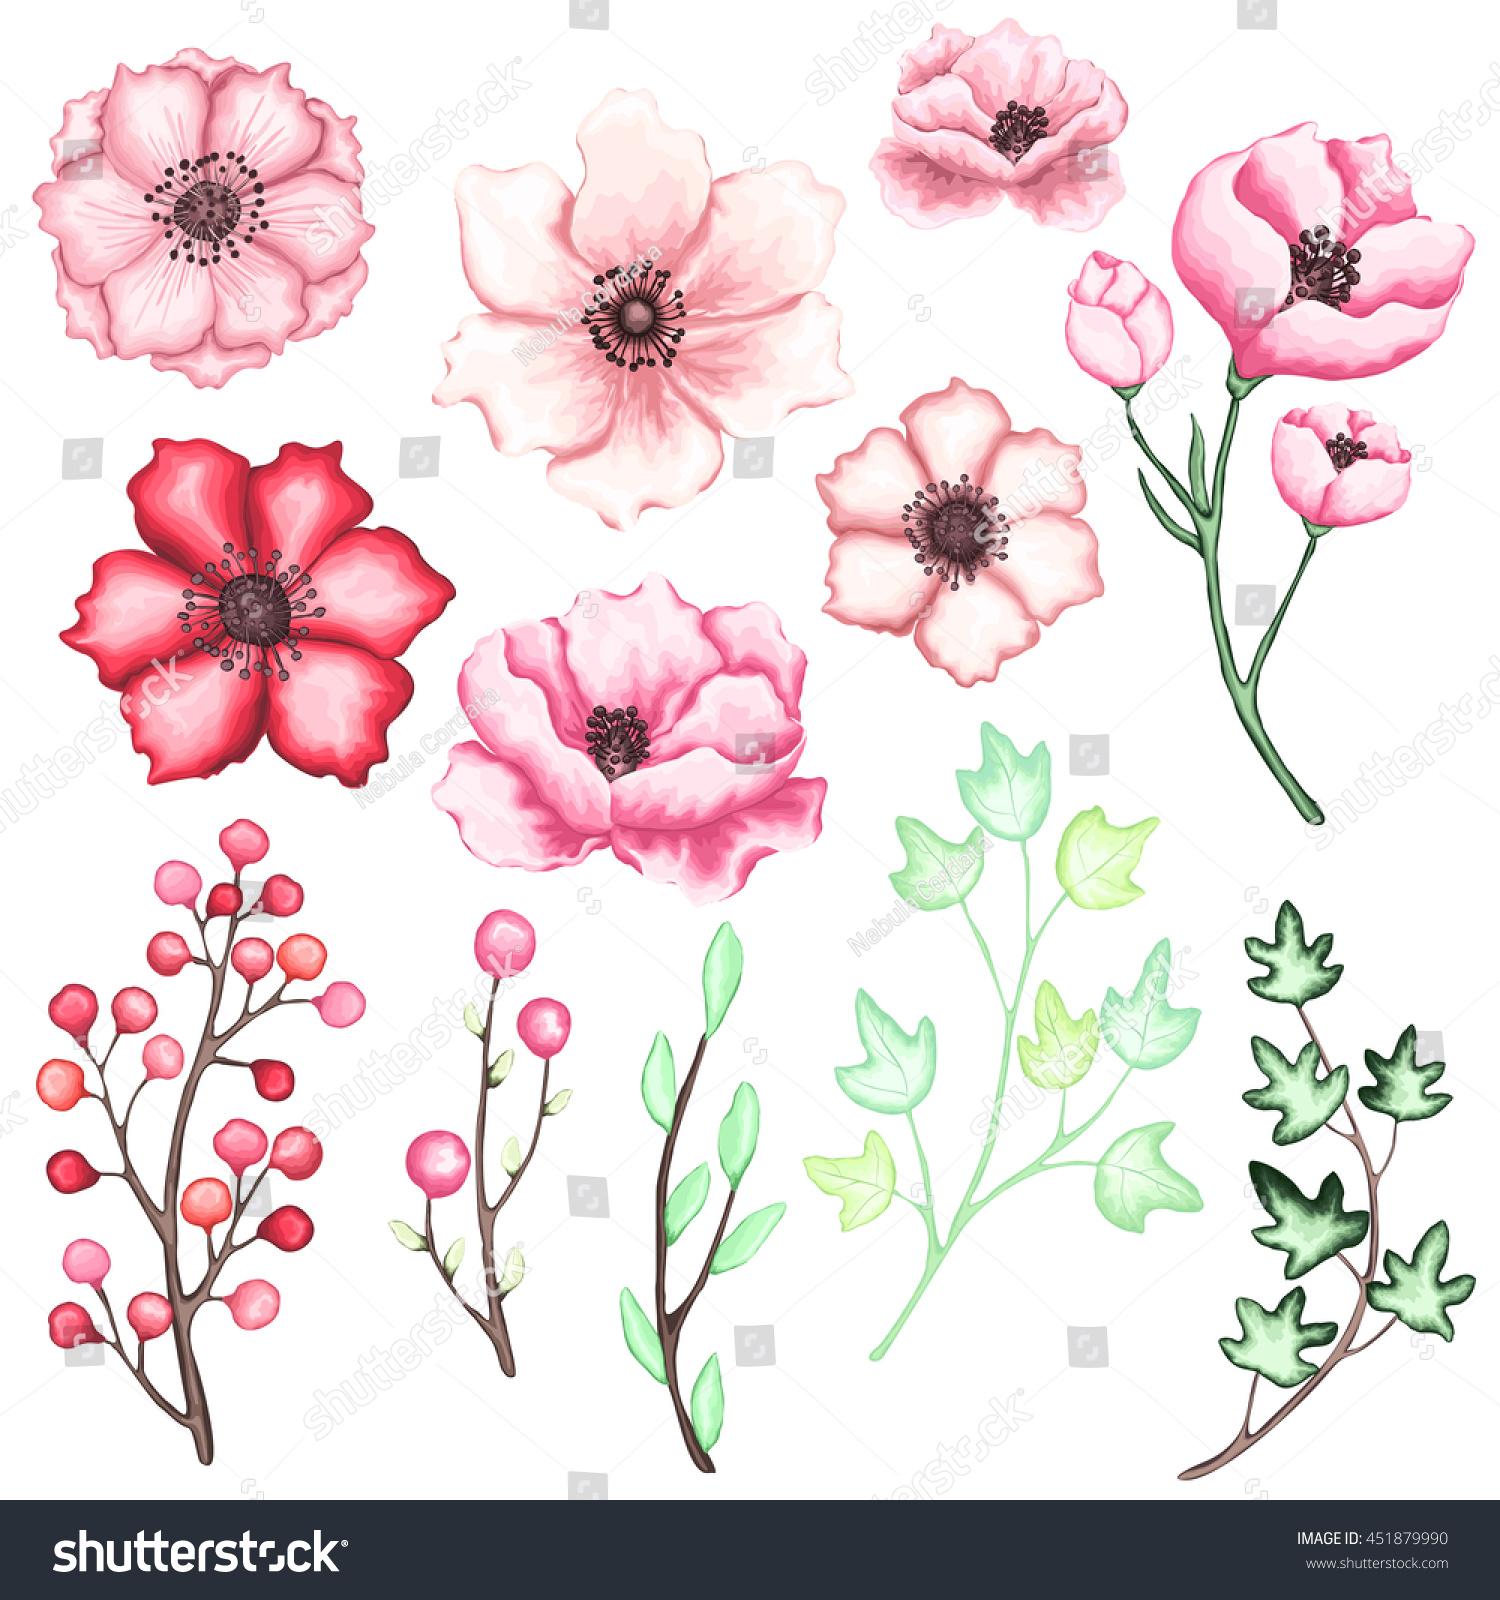 Set Pink Red Flowers Berries Green Stock Vector 451879990 Shutterstock